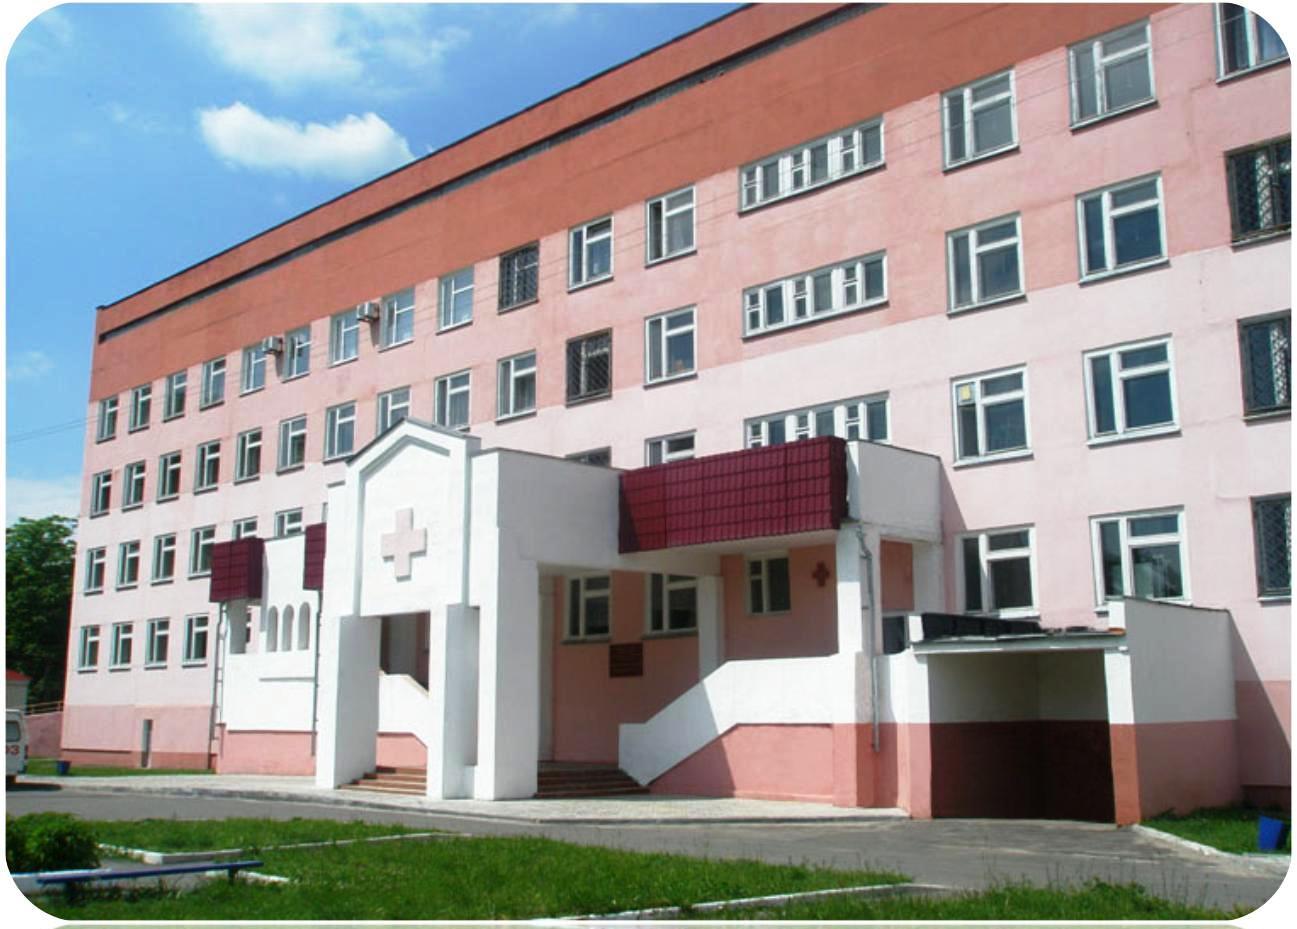 Учреждение здравоохранения лидская центральная районная больница